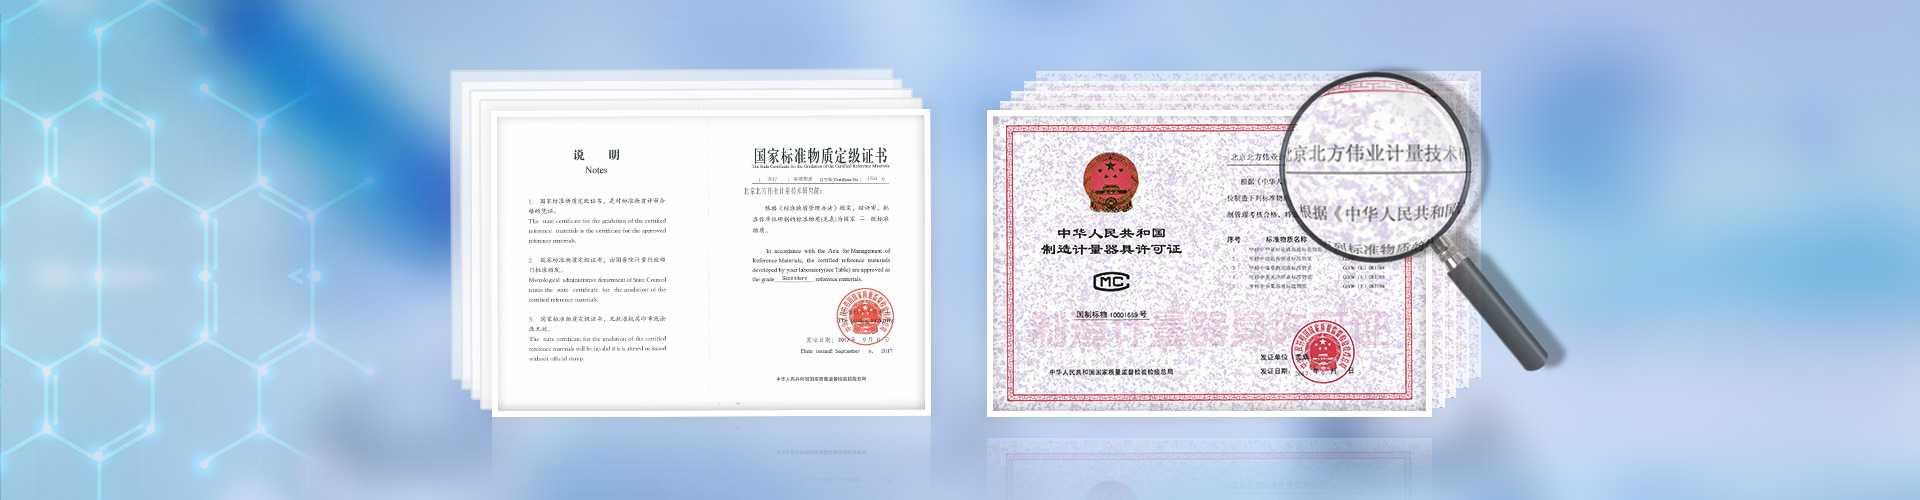 资质证书-www.bzwz.com国家标准物质网